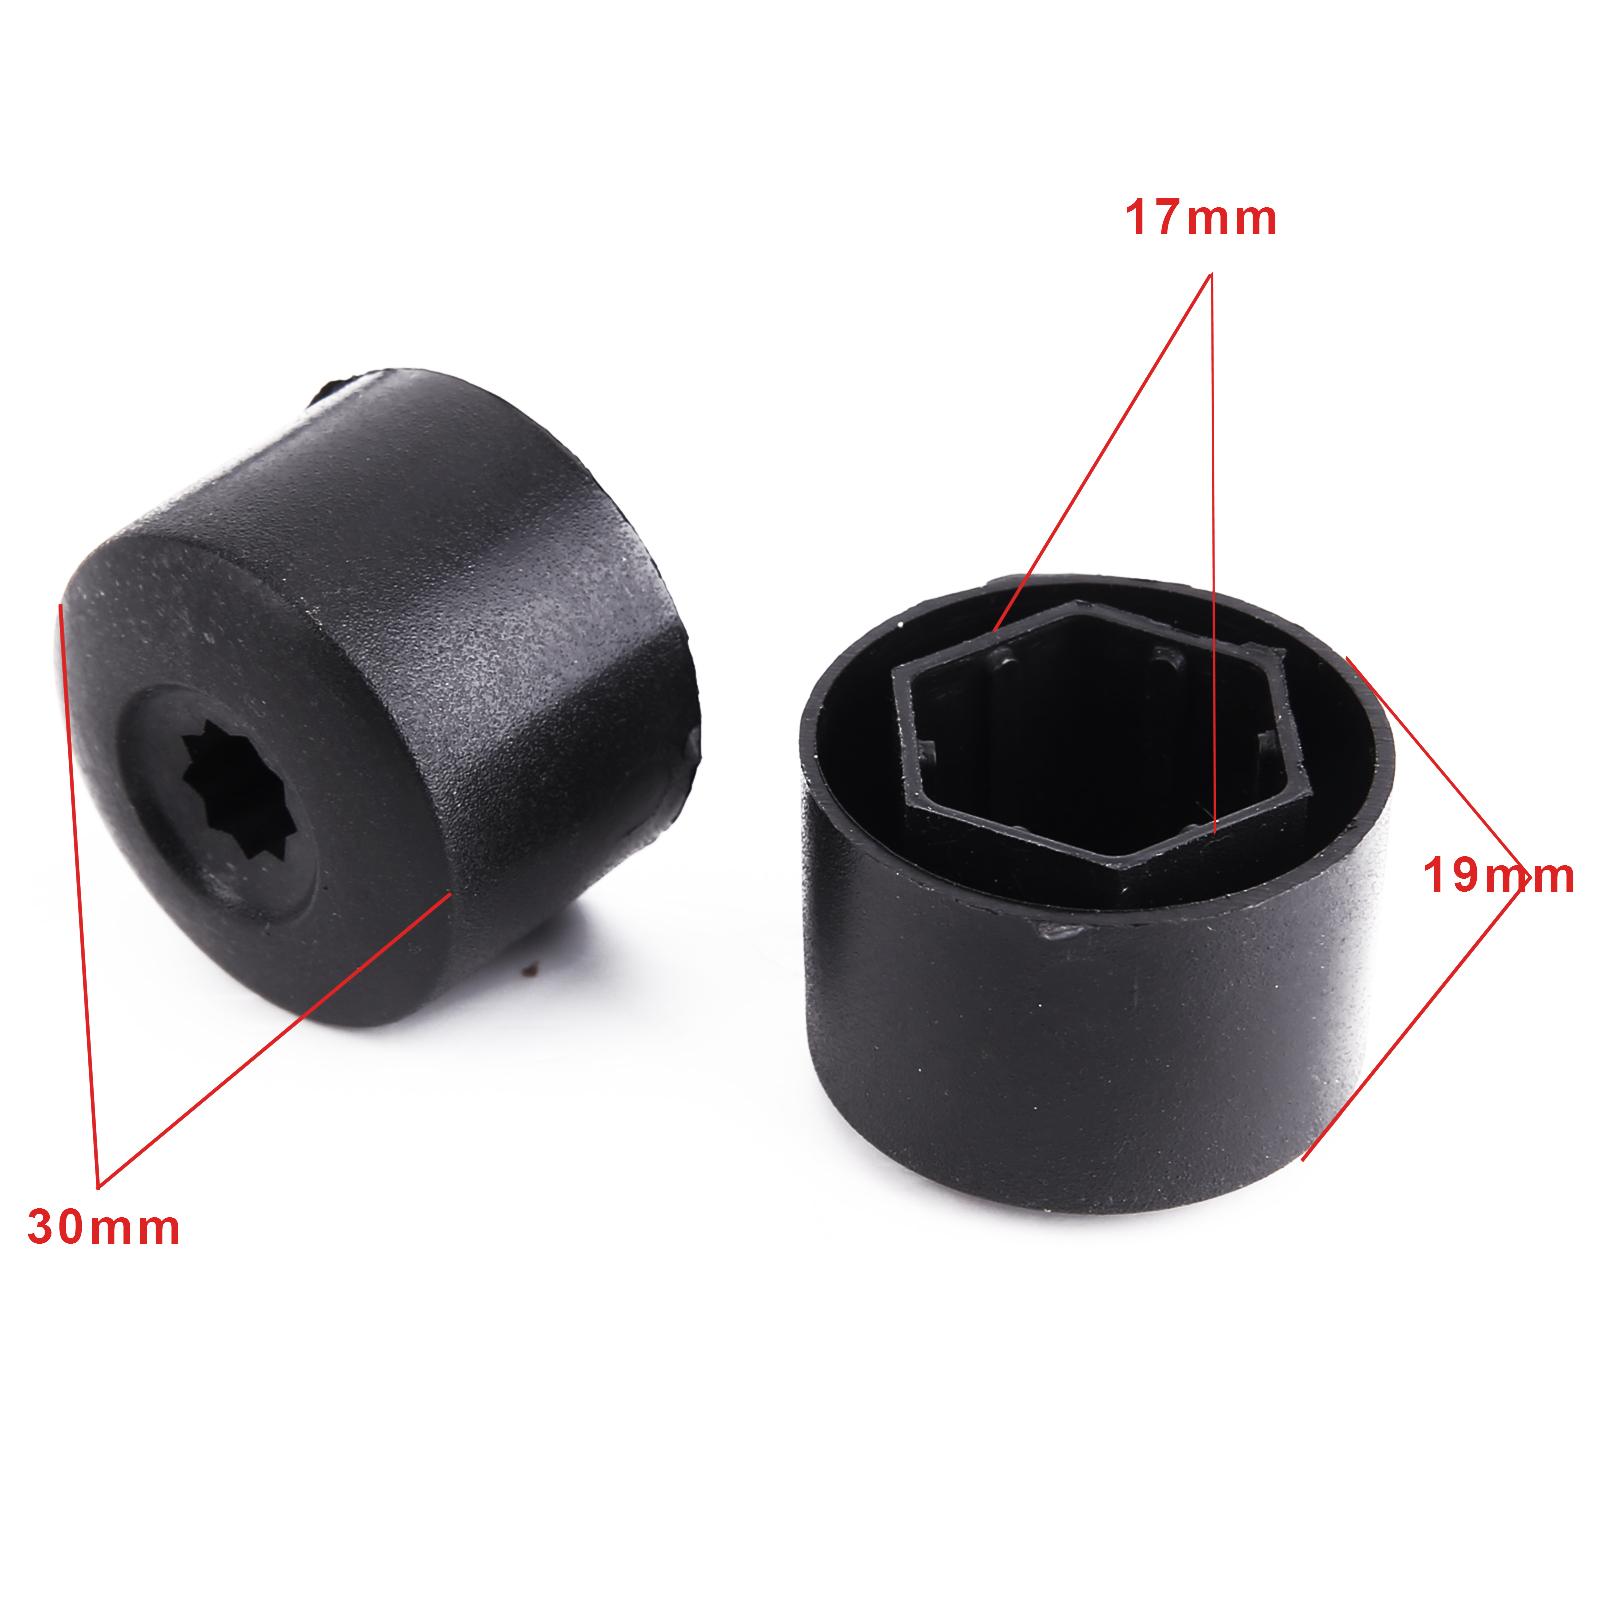 20 pieces cache ecrou protection 17mm vis roue jante pour vw golf 4 bora passat ebay. Black Bedroom Furniture Sets. Home Design Ideas